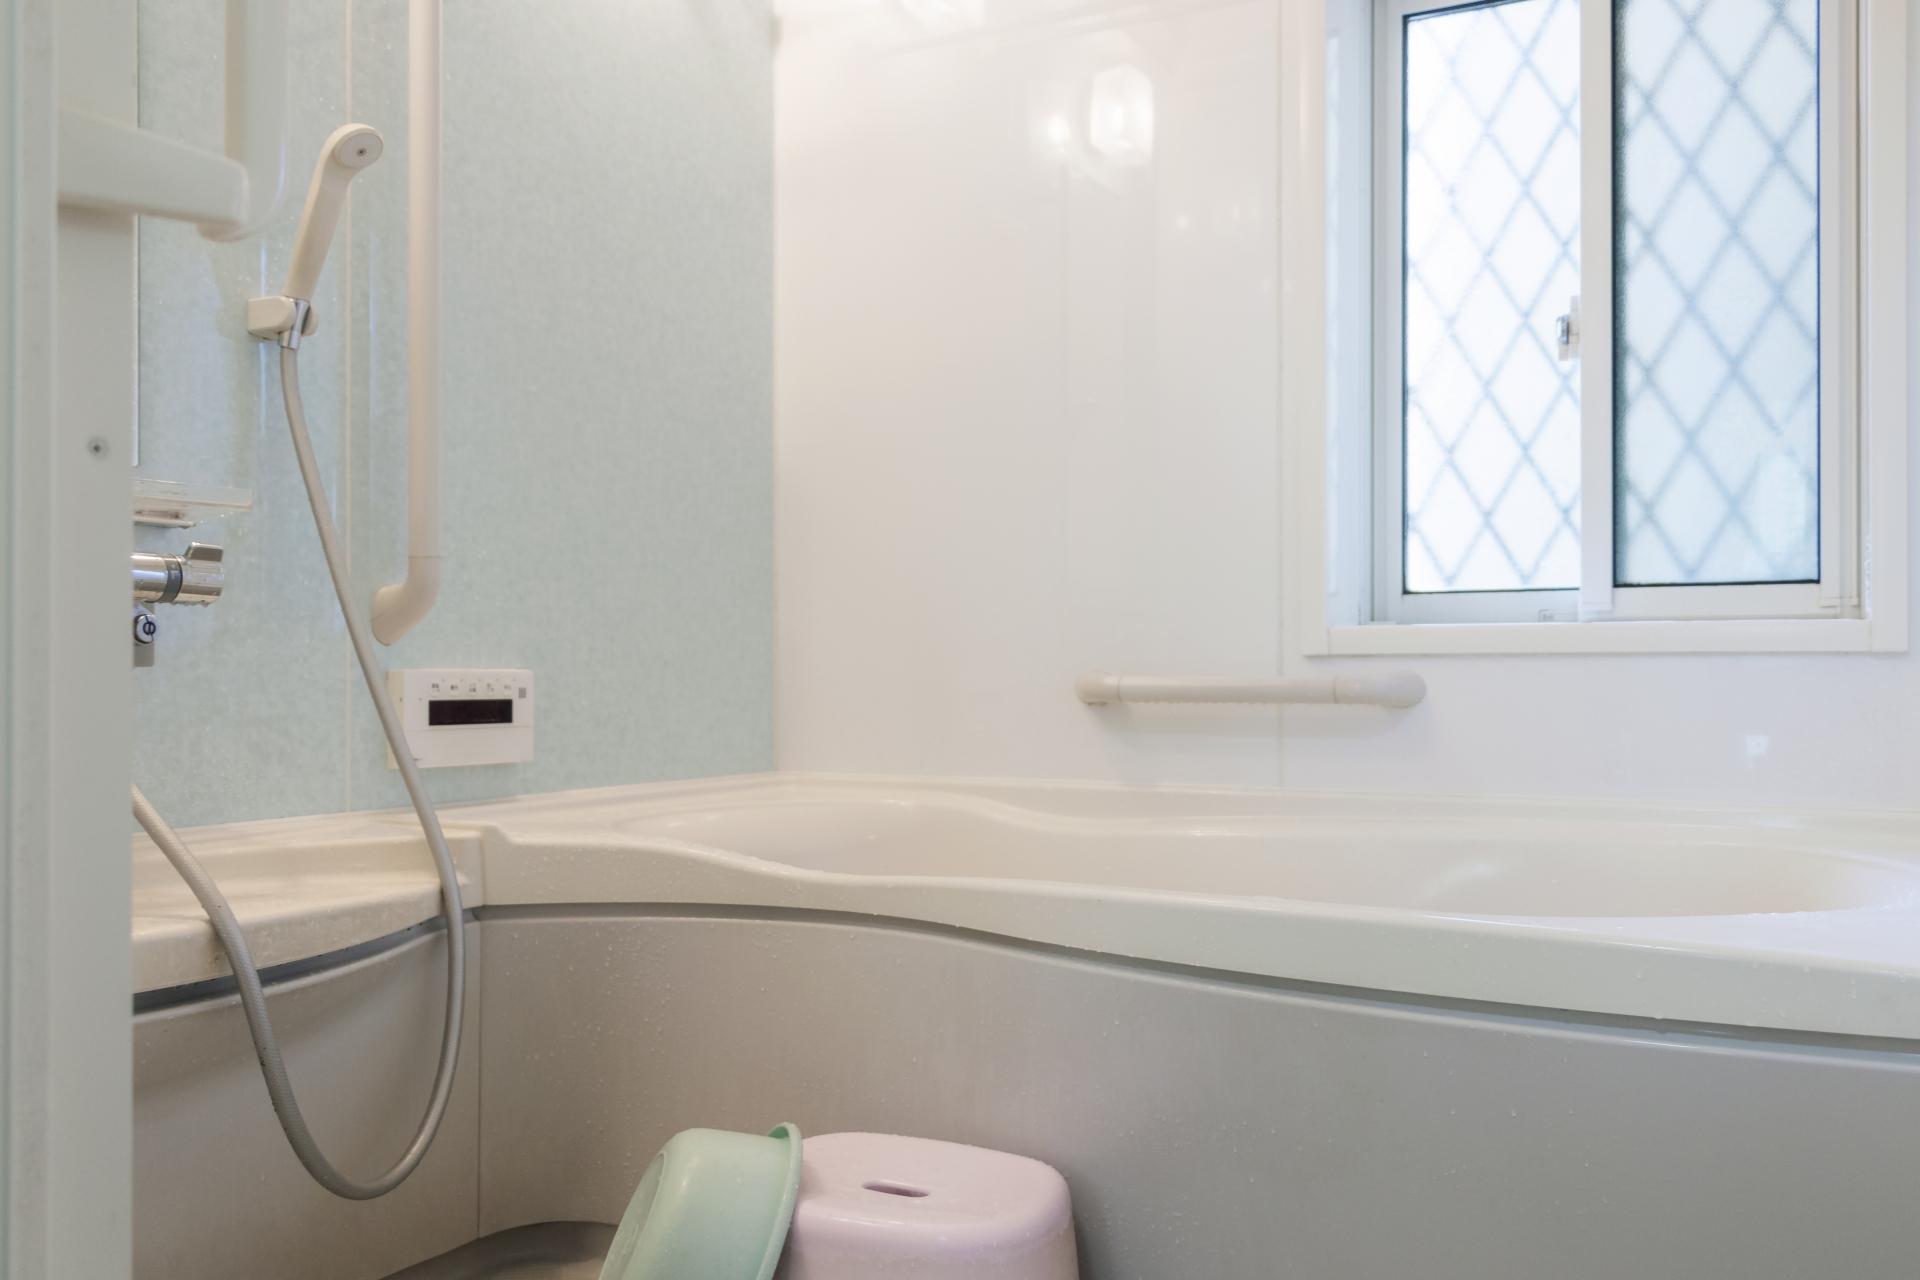 お風呂のパネル交換とは?浴室パネルの選び方や費用などを紹介!